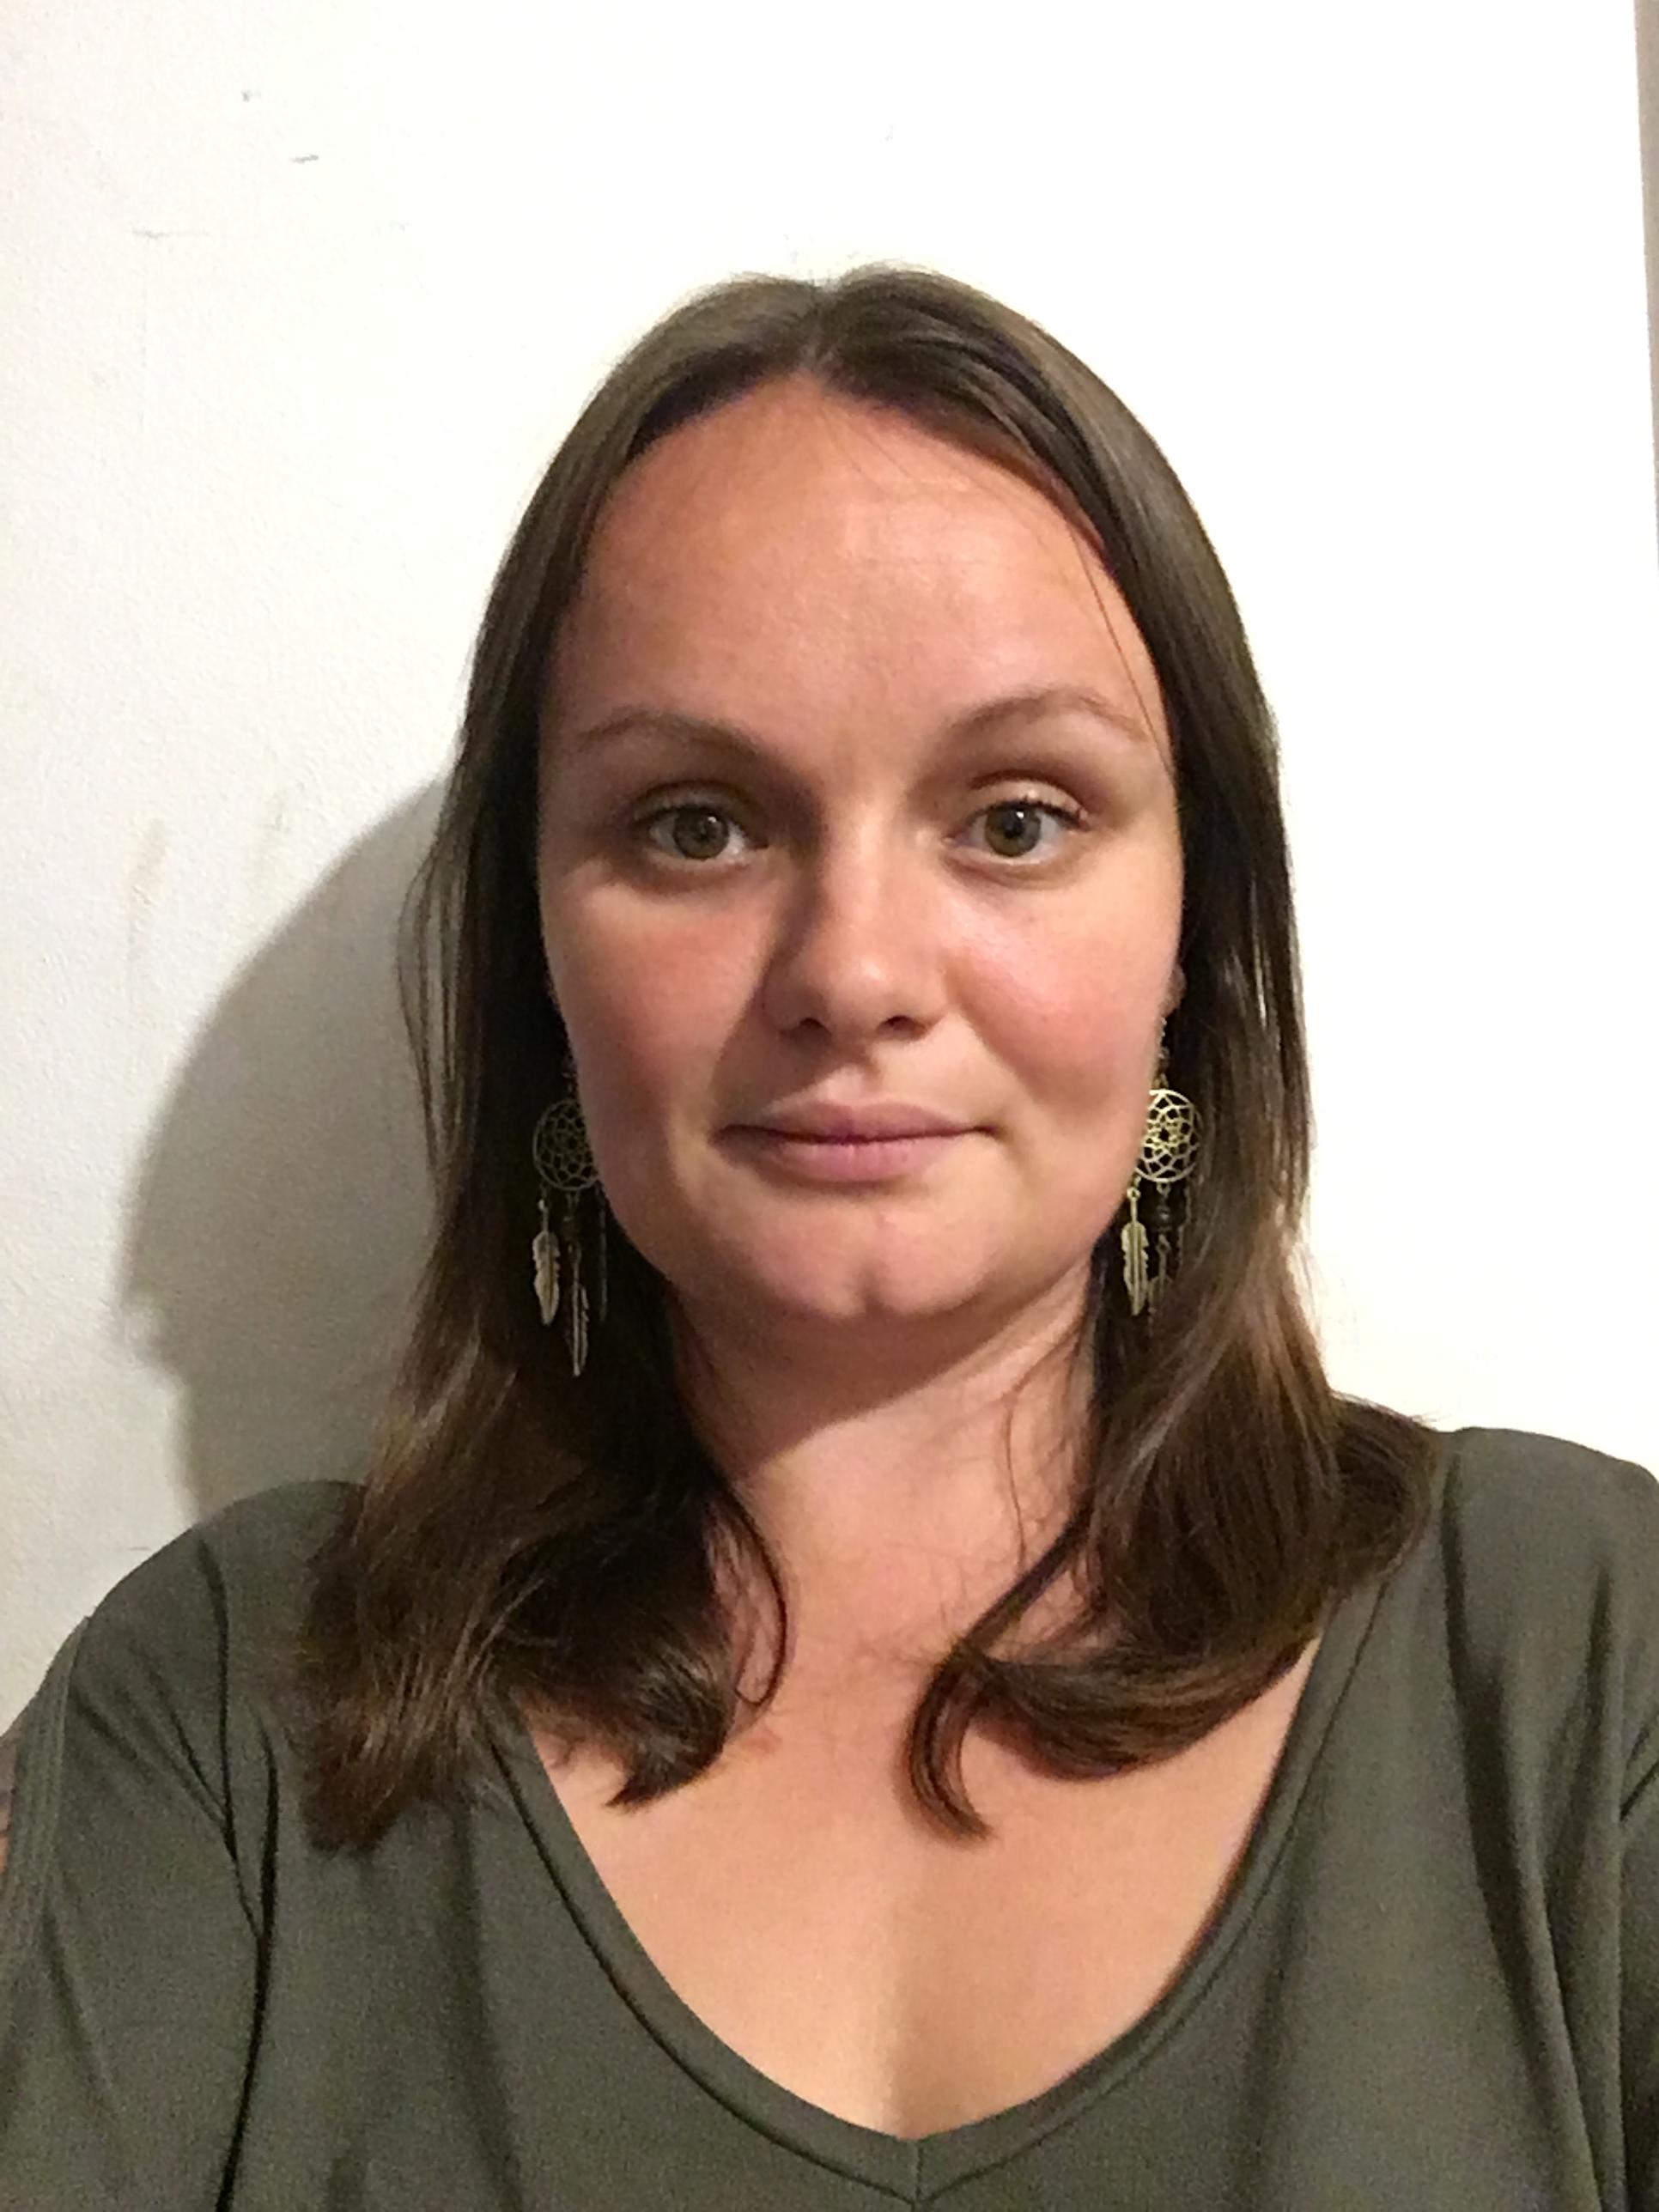 Natasha McKean